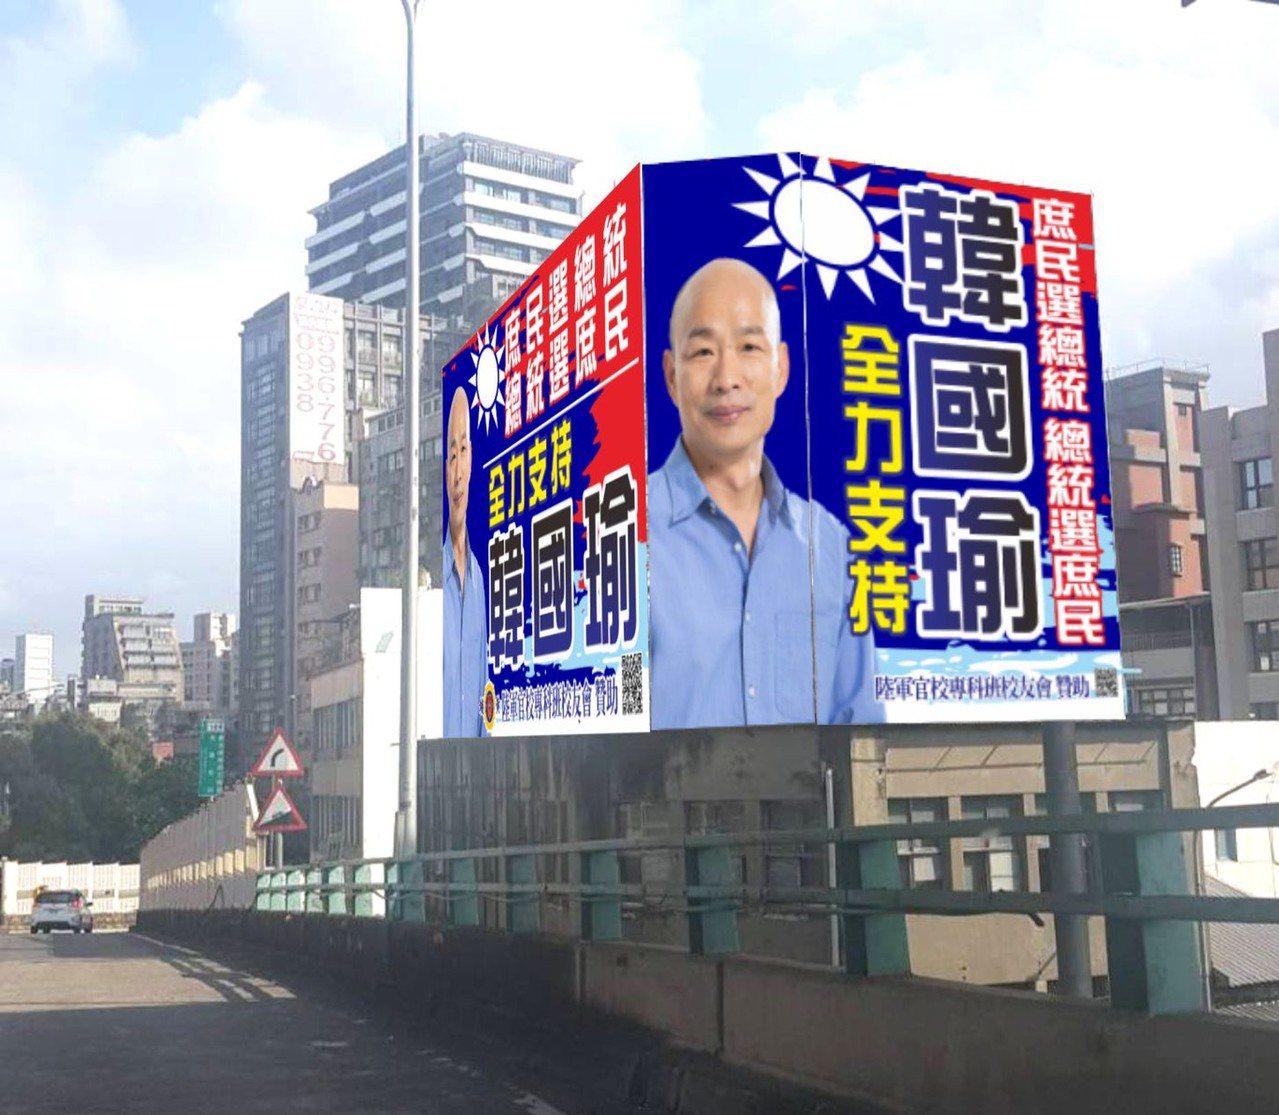 陸官專科班校友會出資替韓國瑜,在台北市環河南路的中興橋頭,張掛大型造勢看板,明天...